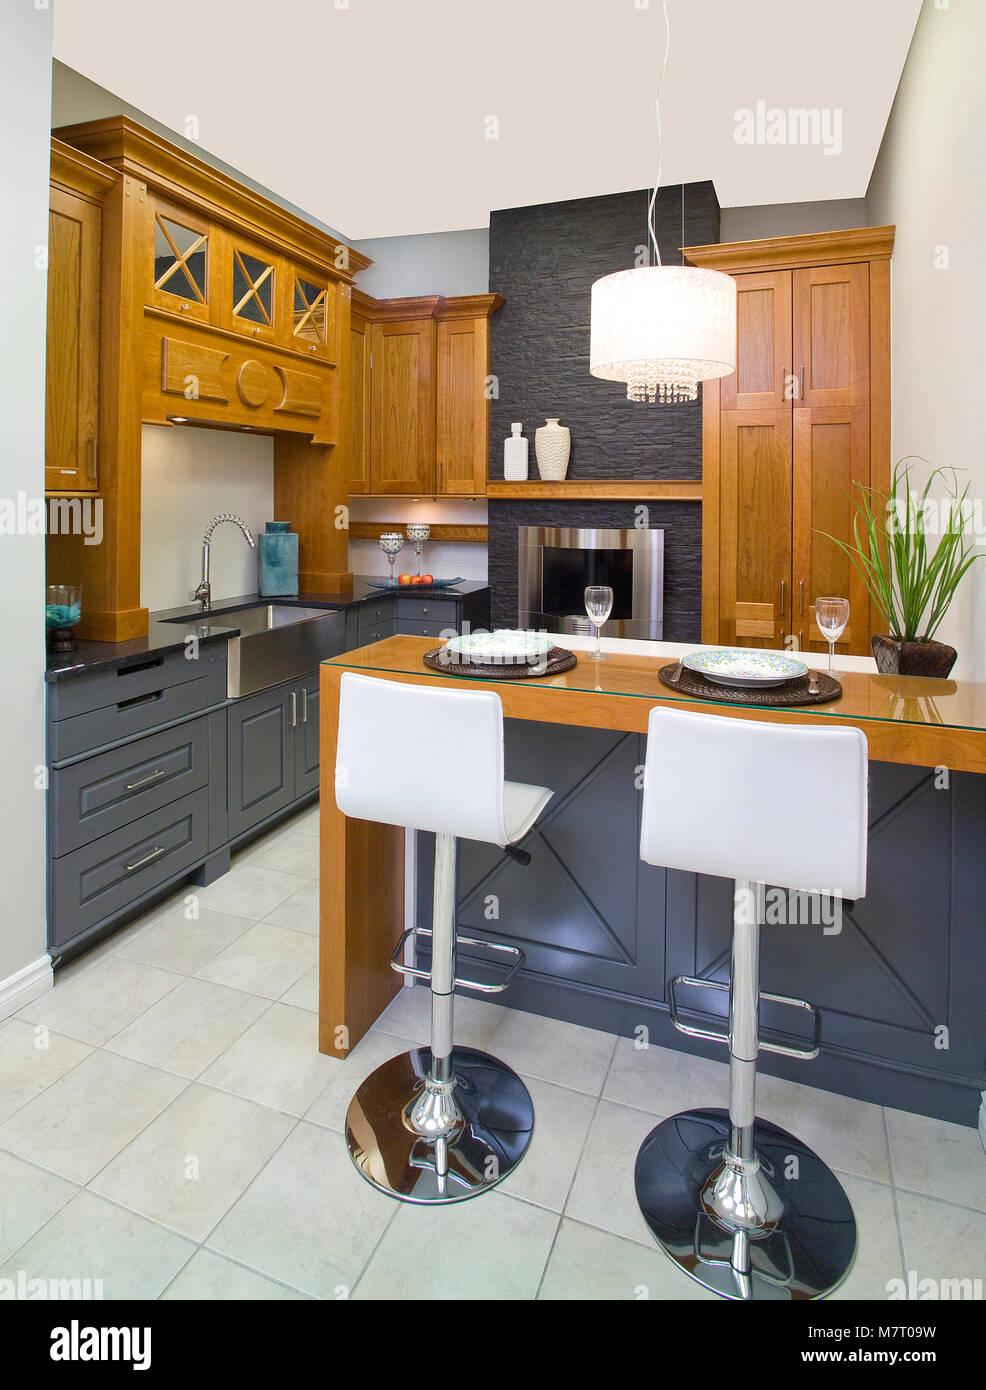 Grigio scuro e marrone cucina in legno con un isola e 2 sgabelli ...